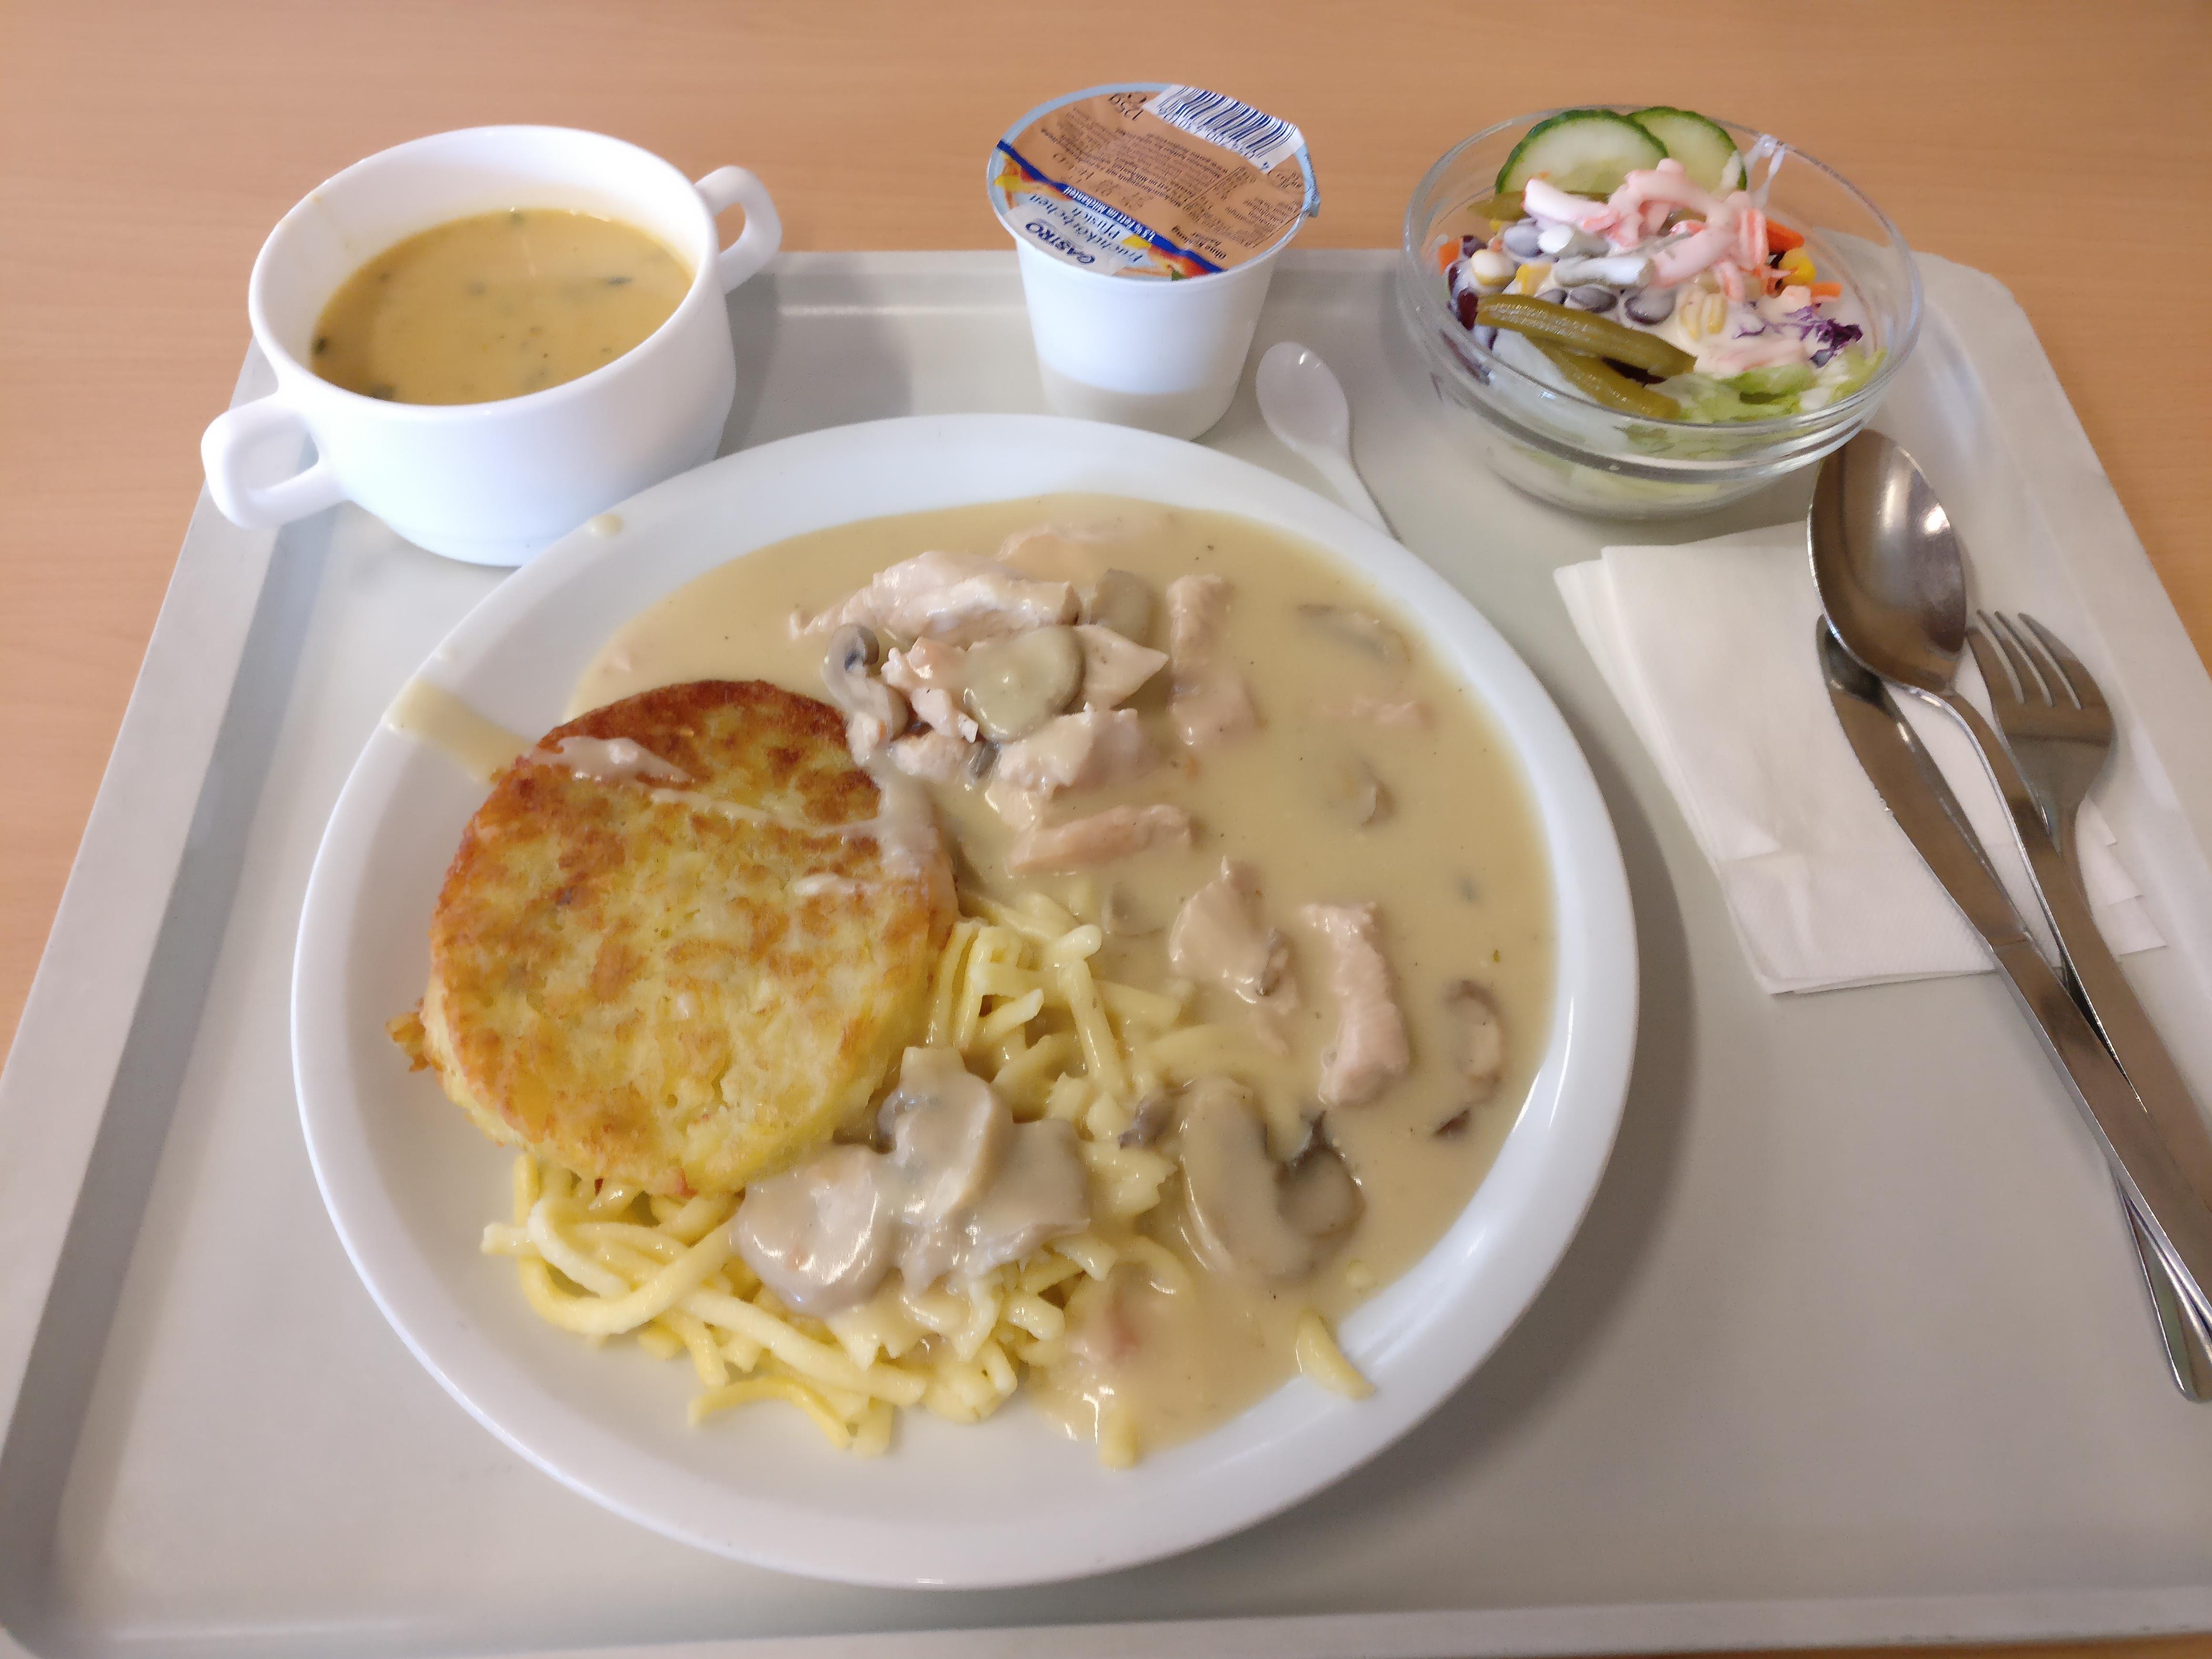 http://foodloader.net/nico_2017-04-11_putengeschnetzteltes-mit-pilzen-roesti-spaetzle-suppe-salat-und-joghurt.jpg